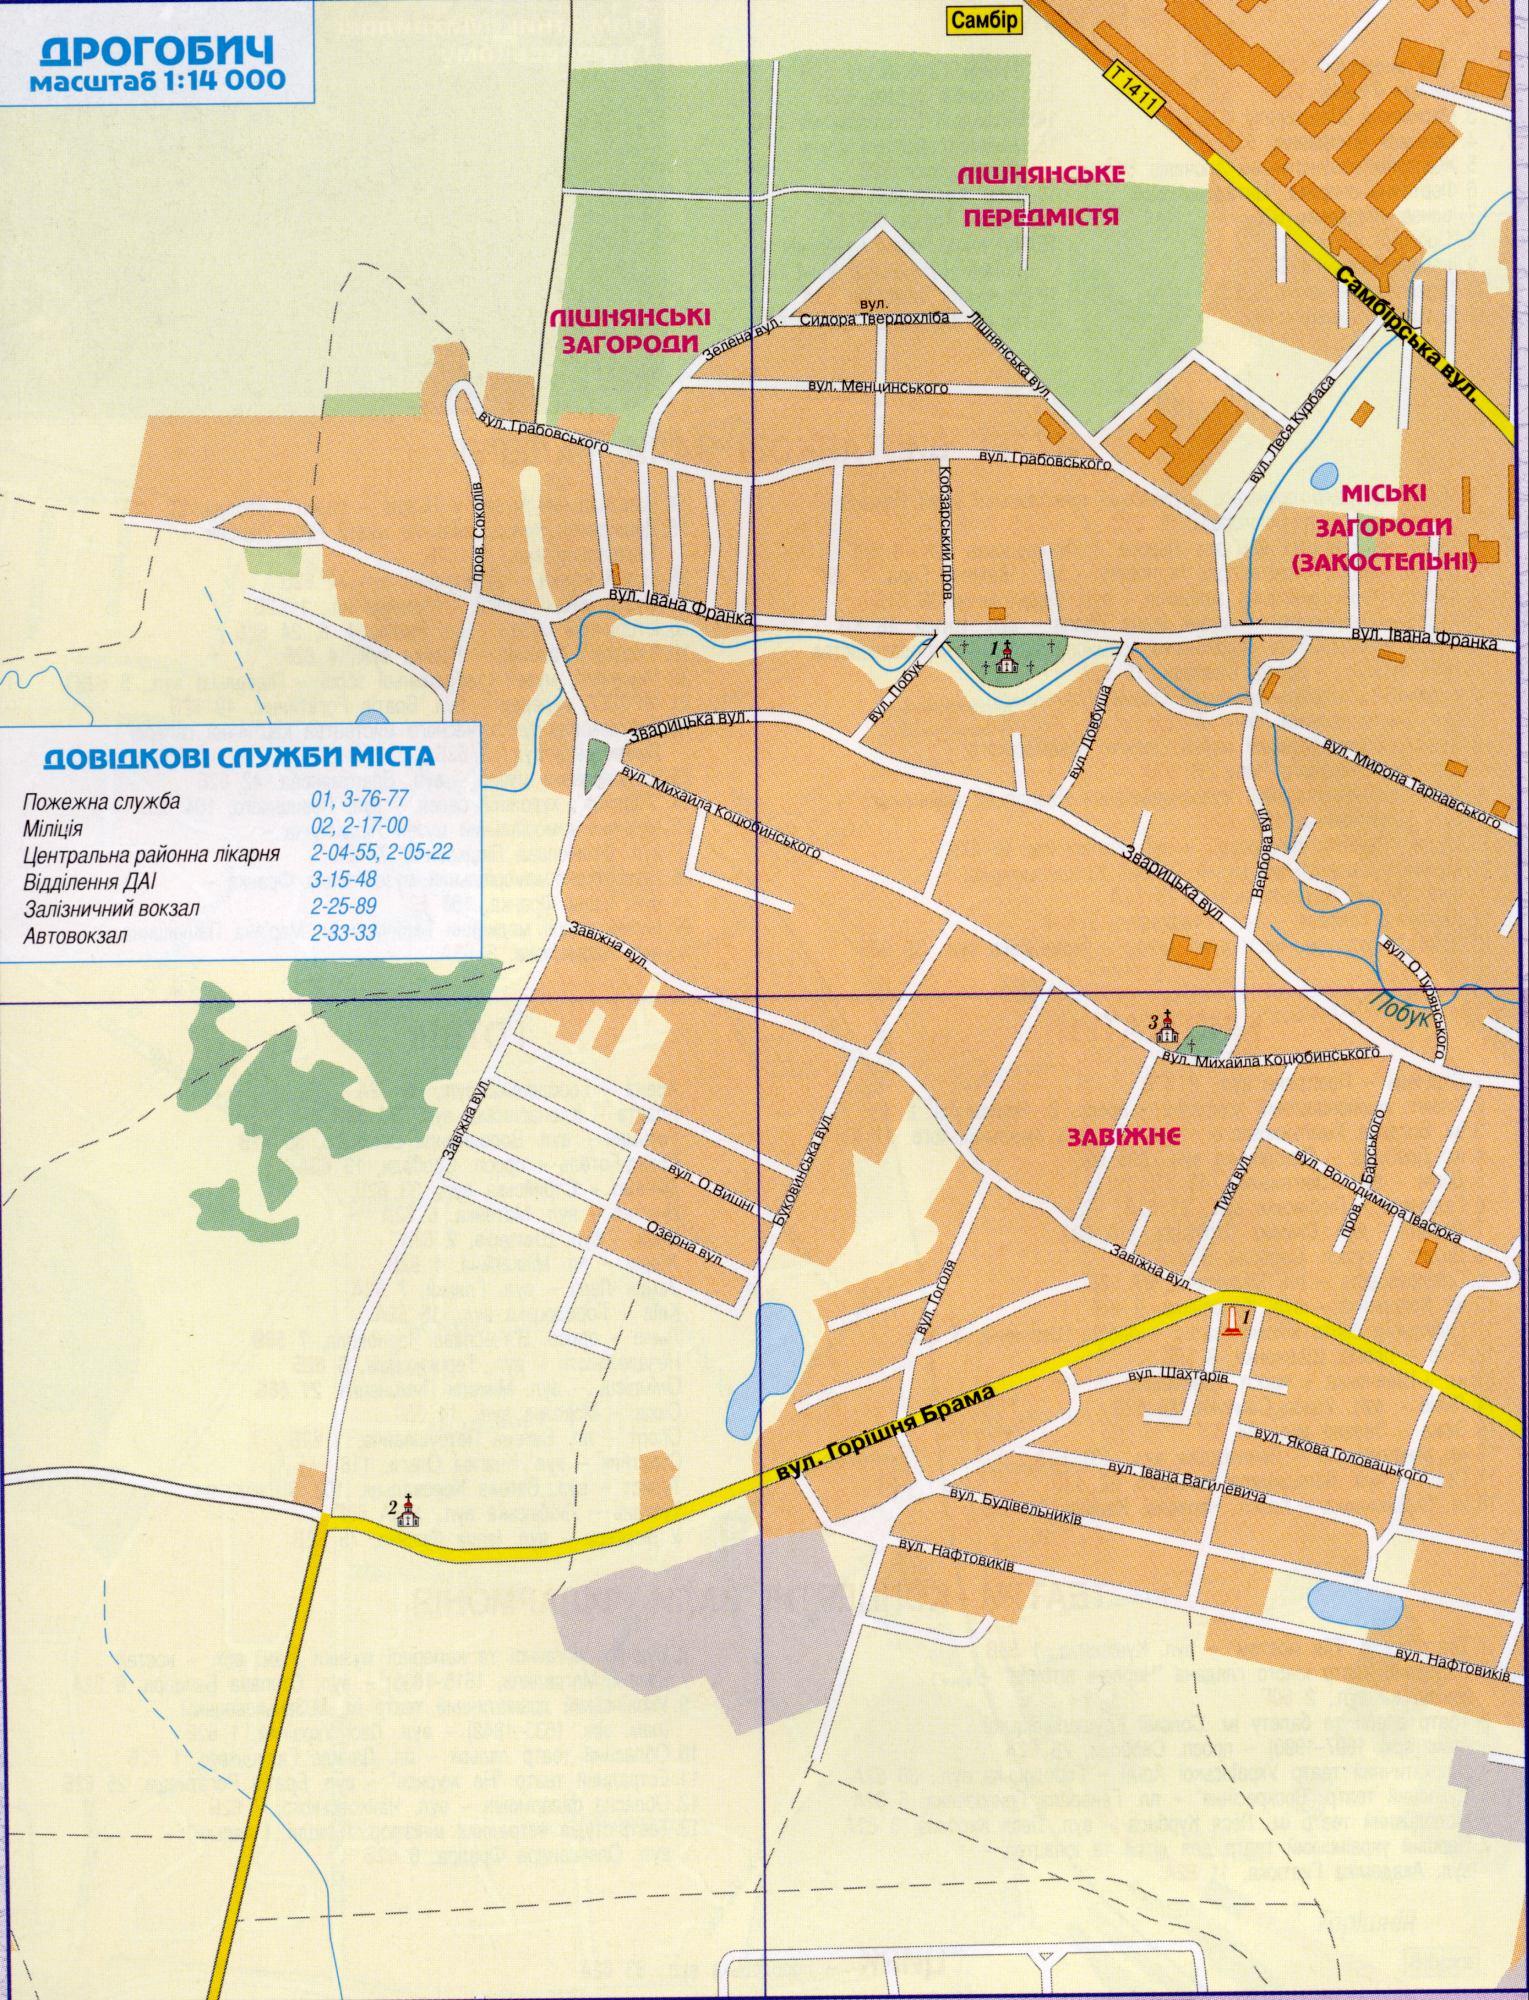 Карта города Дрогобыч